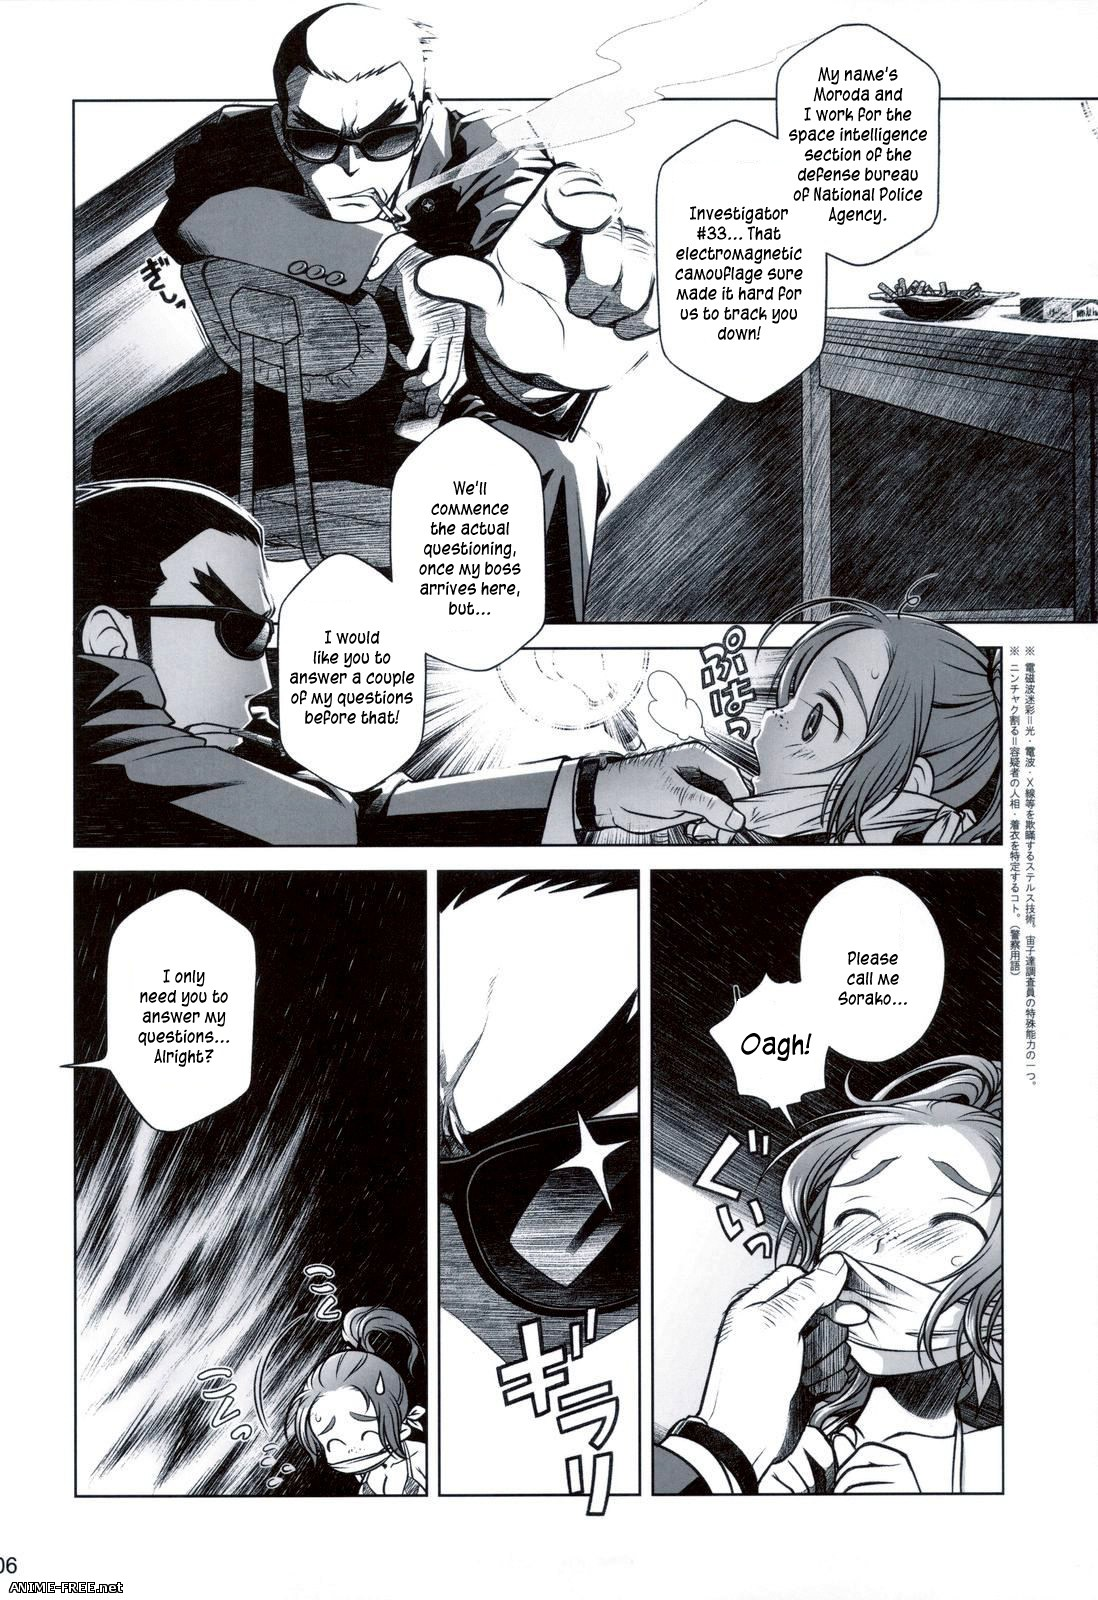 Ootsuka Mahiro / Otsuka Mahiro / Otaku Beam - коллекция манги [Cen] [JAP,ENG,CHI] Manga Hentai